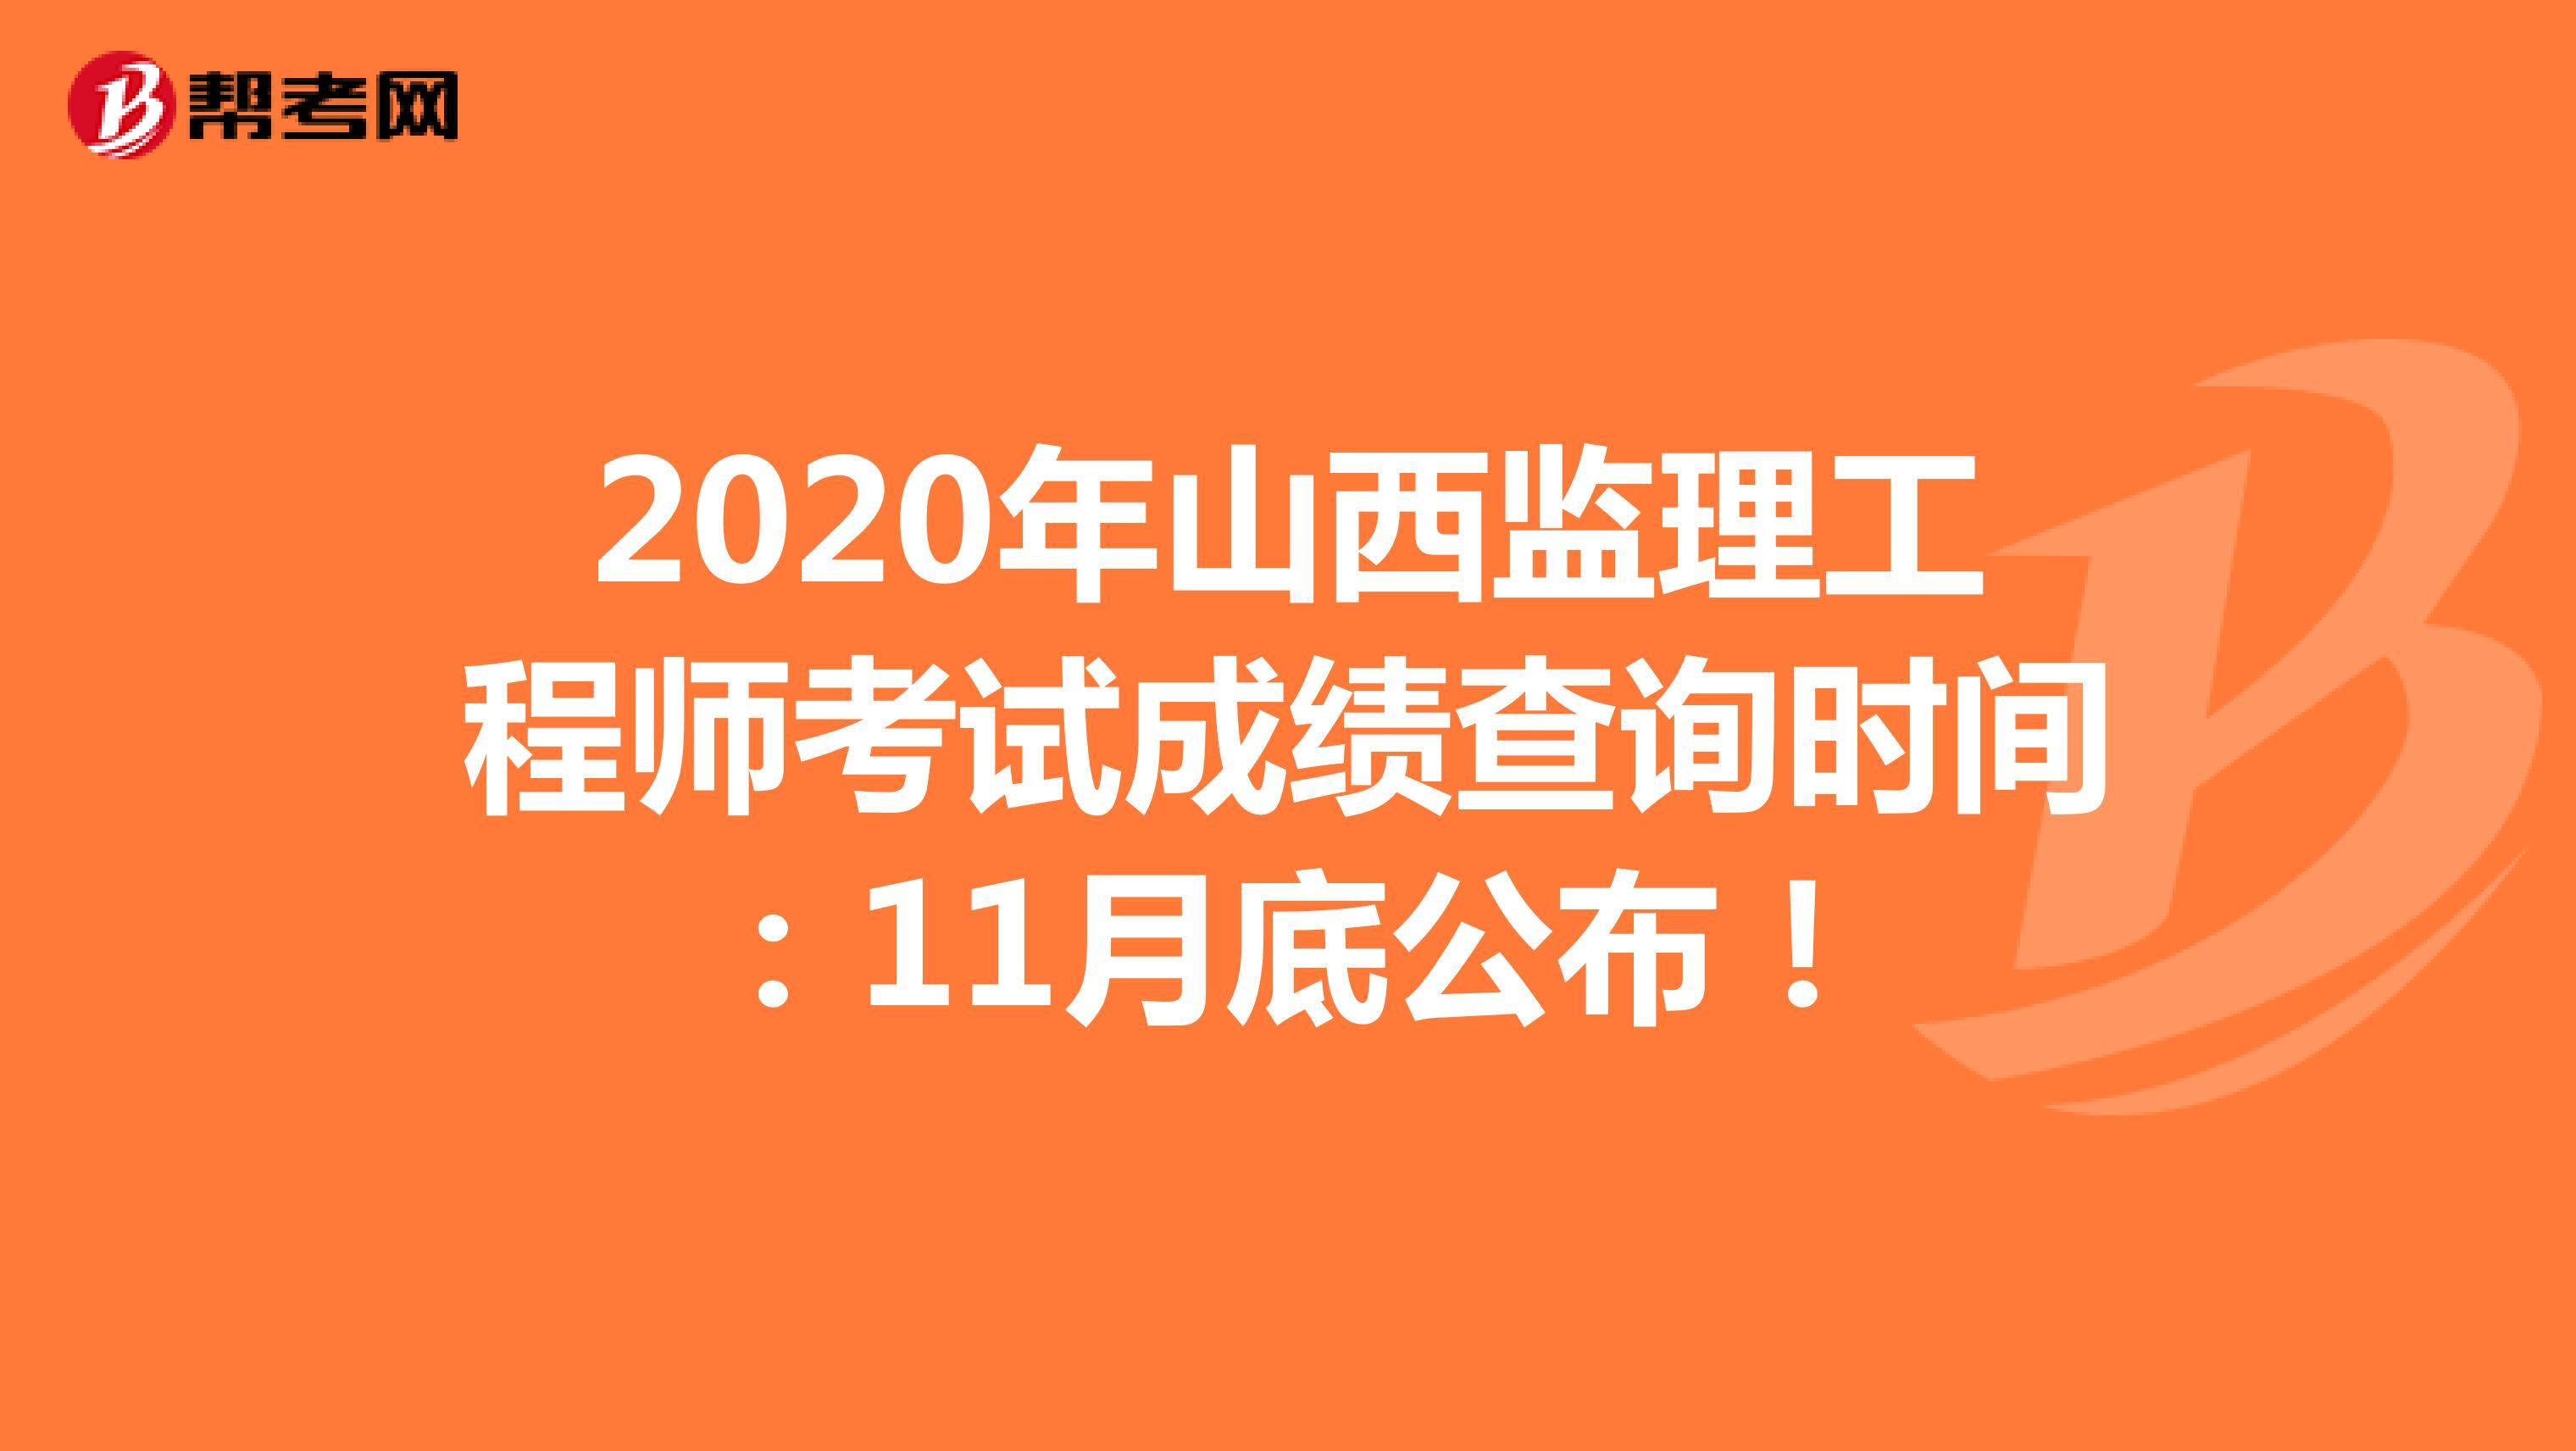 2020年山西电竞官网雷火电竞查询时间:11月底公布!